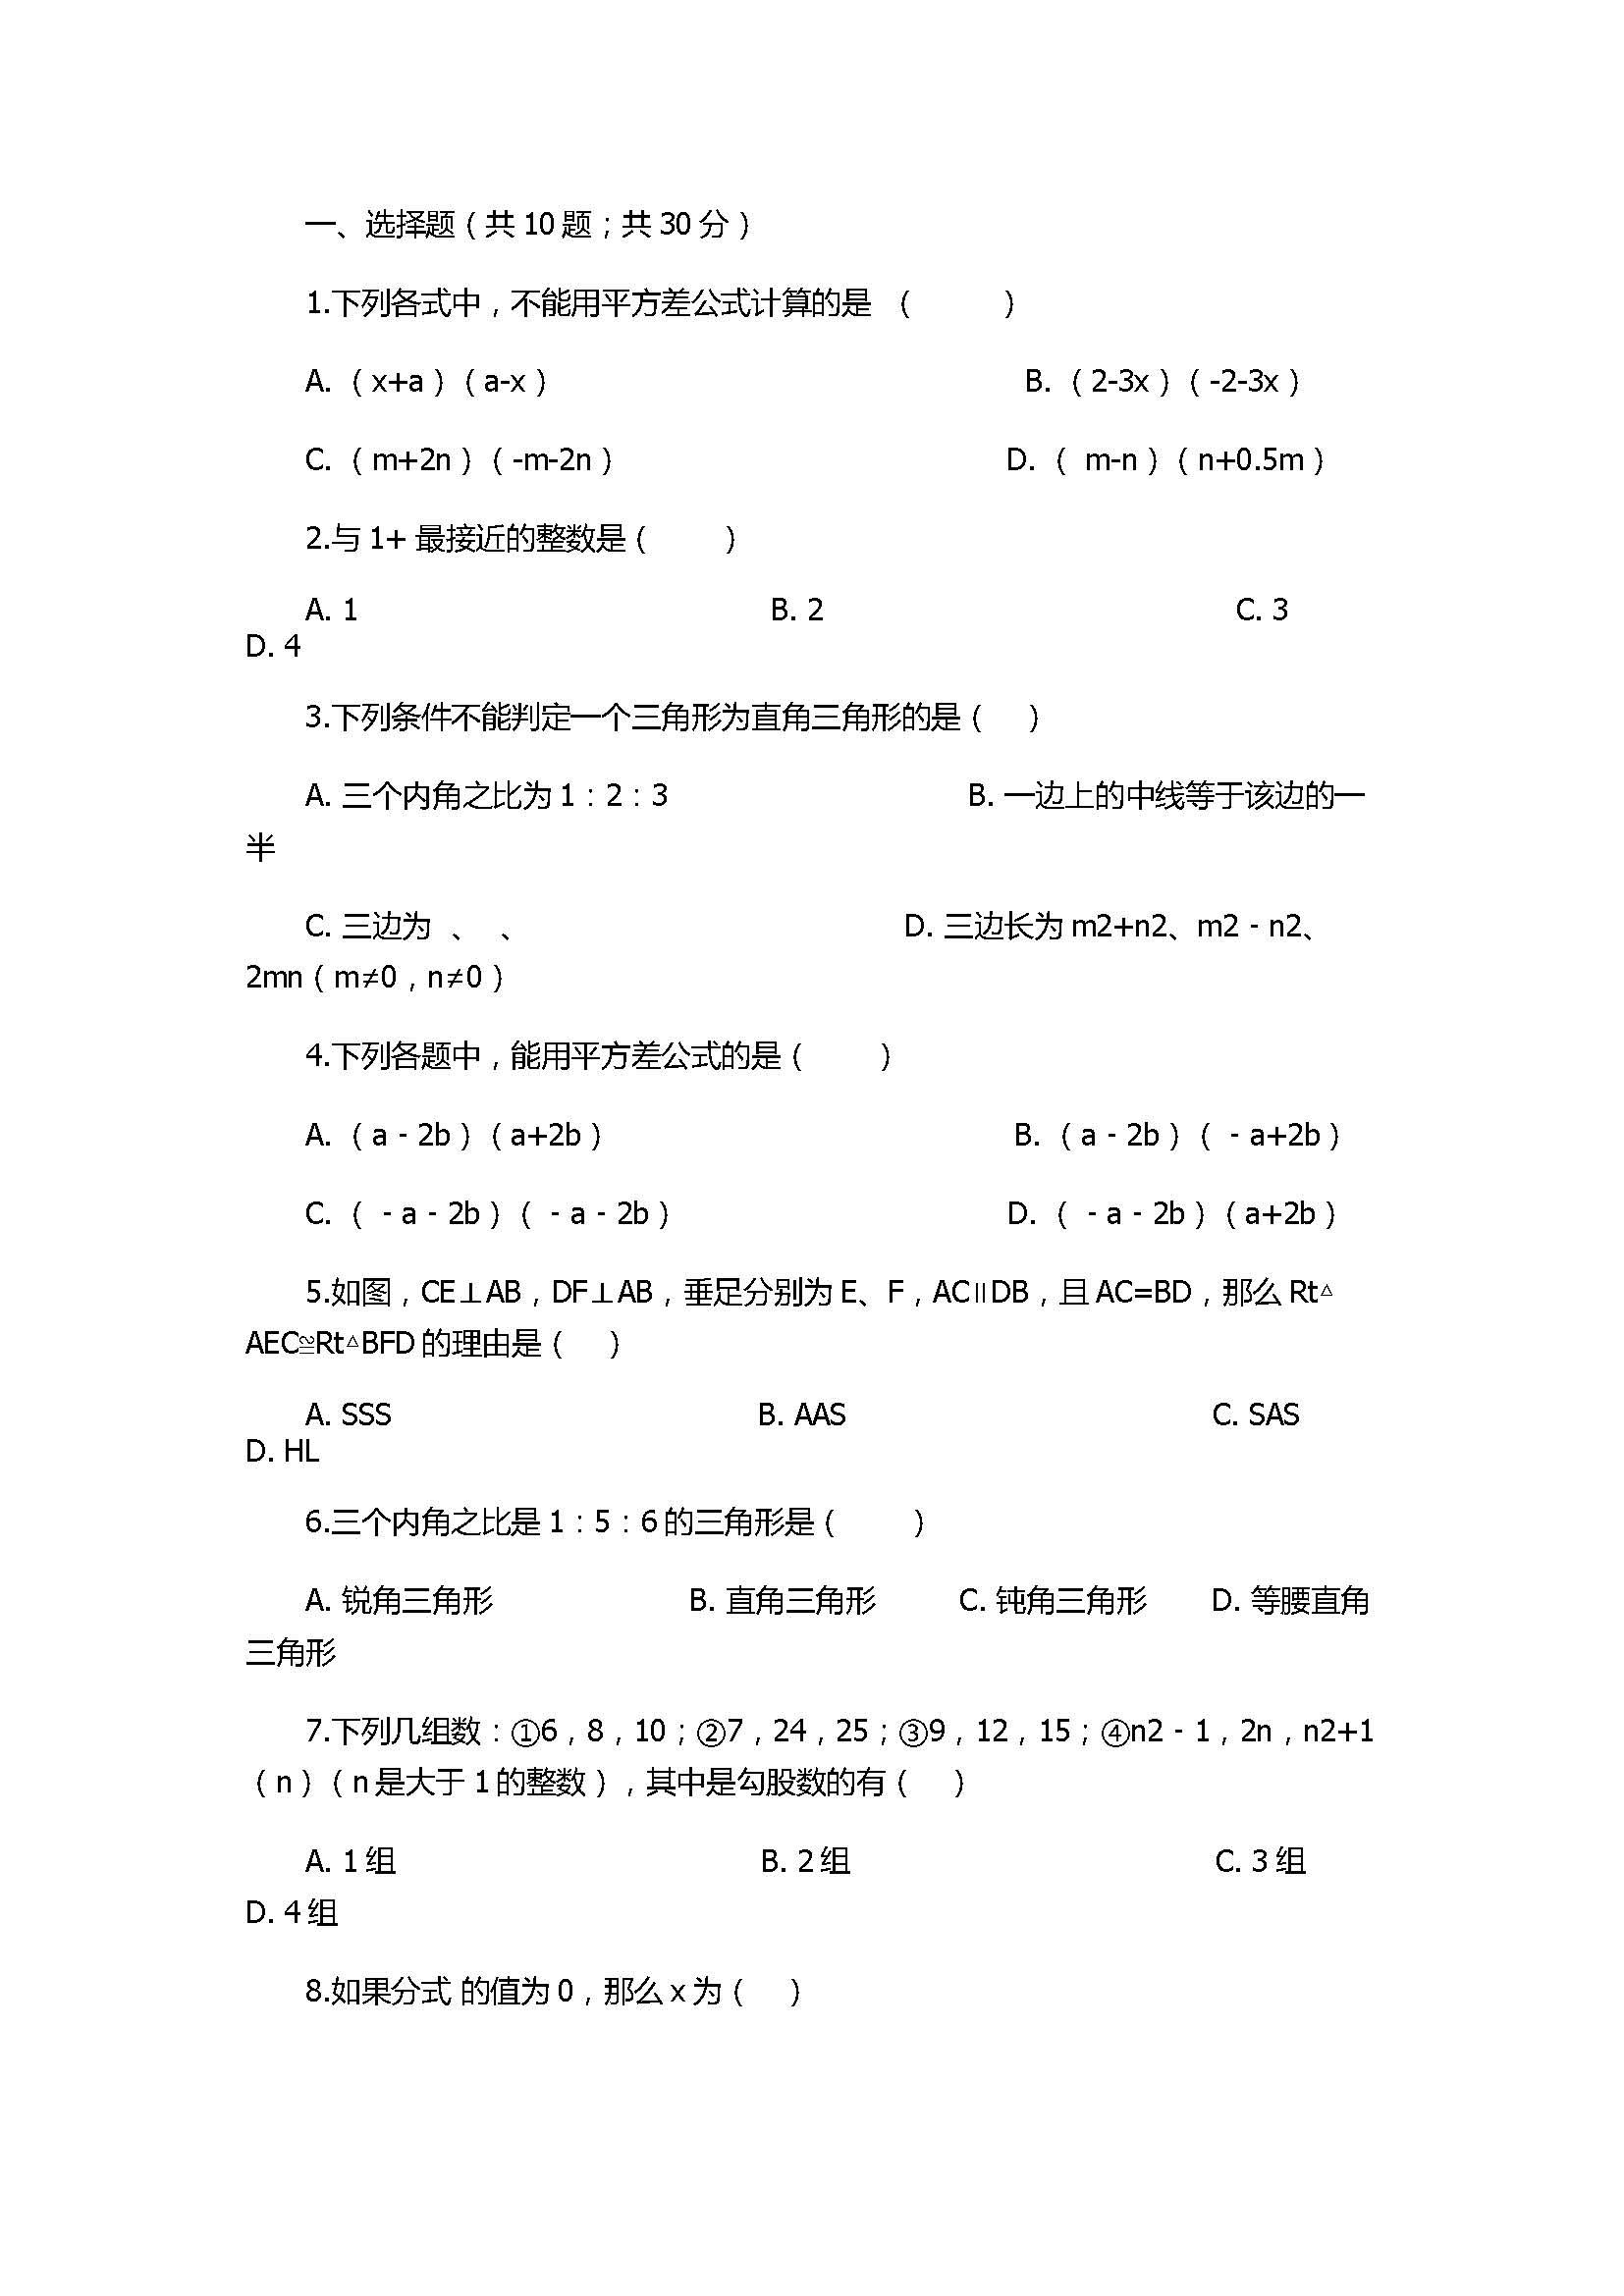 2017八年级数学上册期末模拟试卷附答案解析(山东省诸城市)